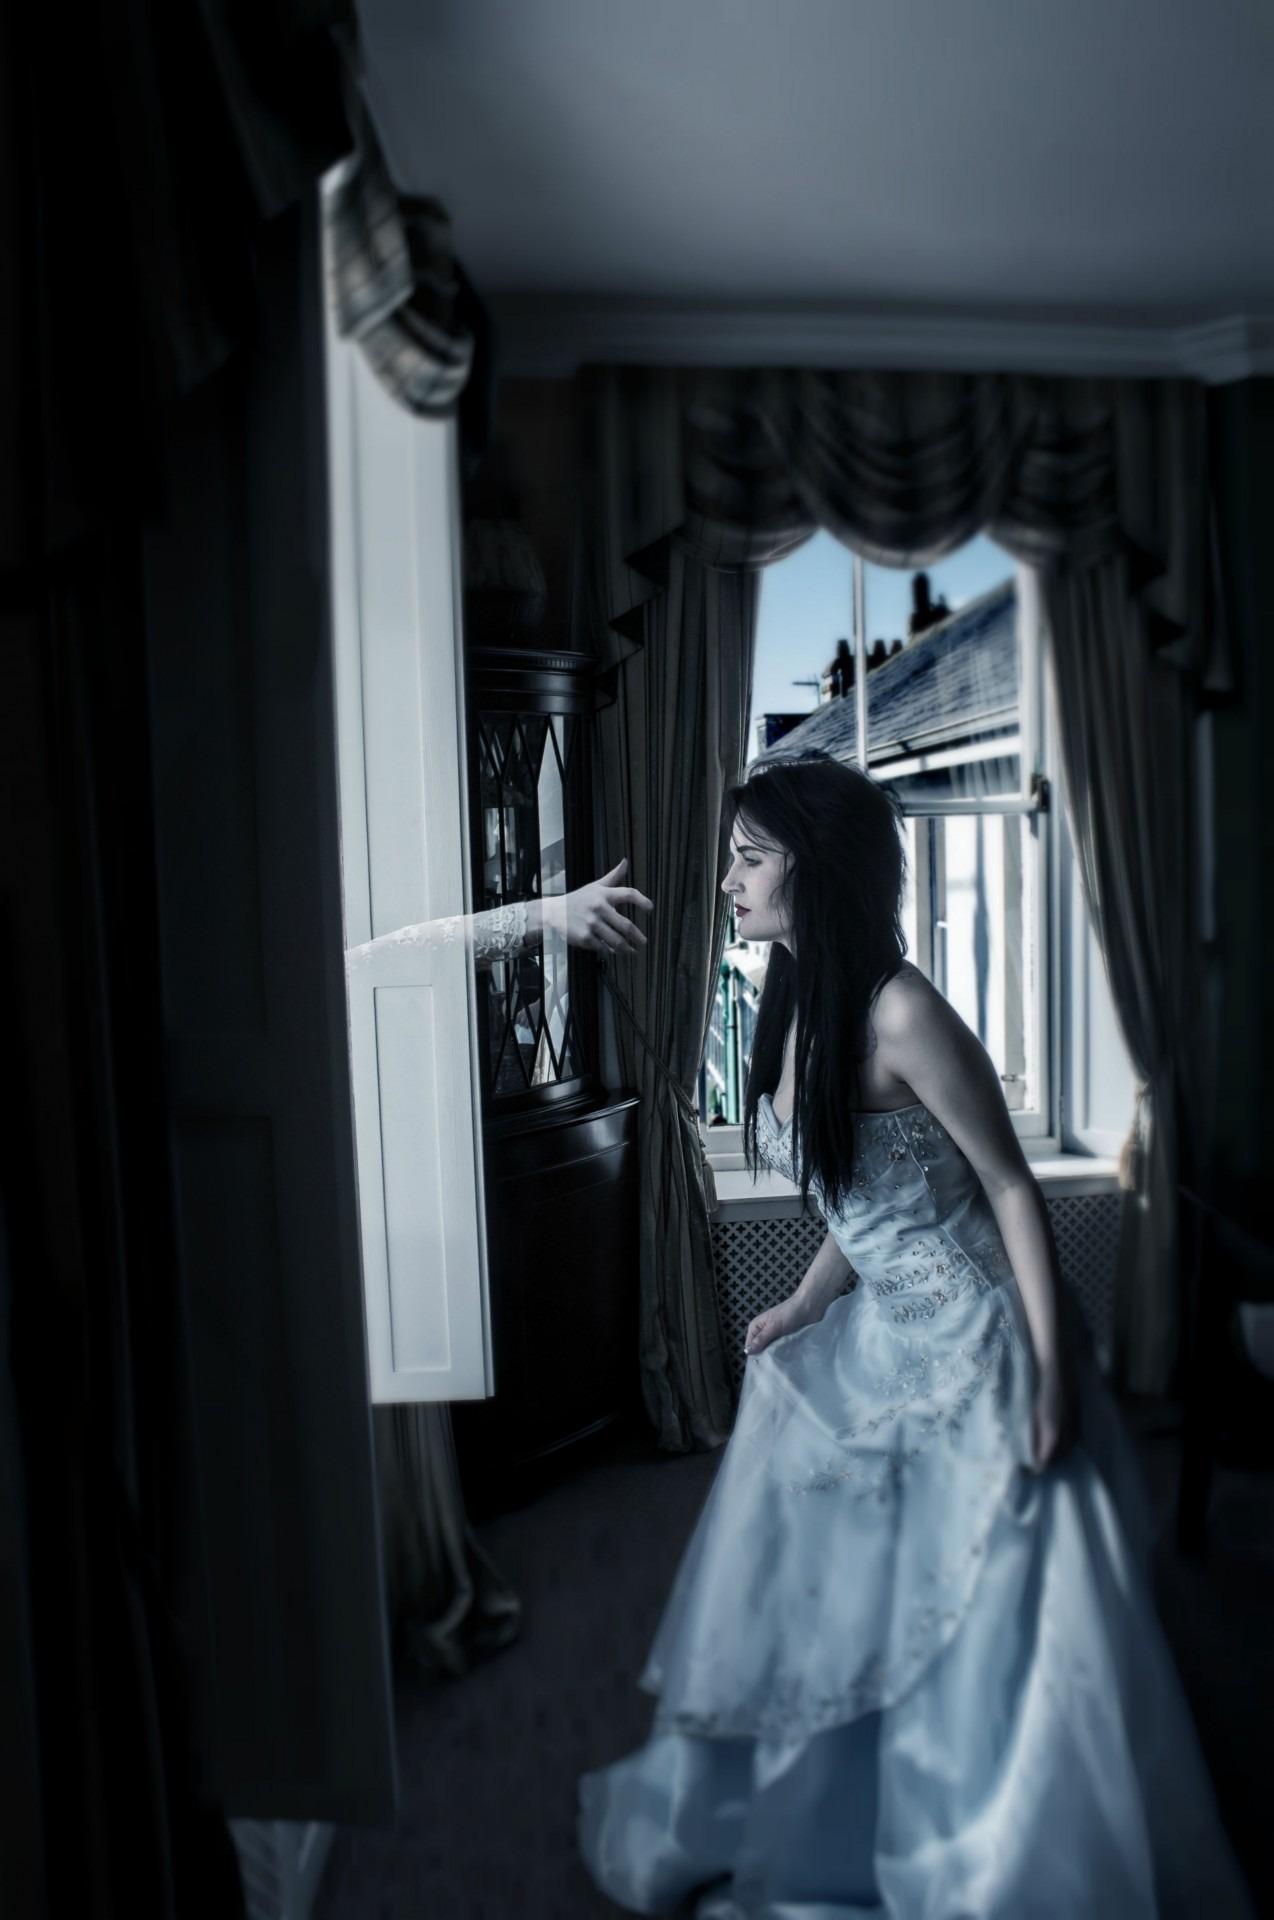 Fotos gratis : mano, ligero, oscuridad, azul, negro, novia ...